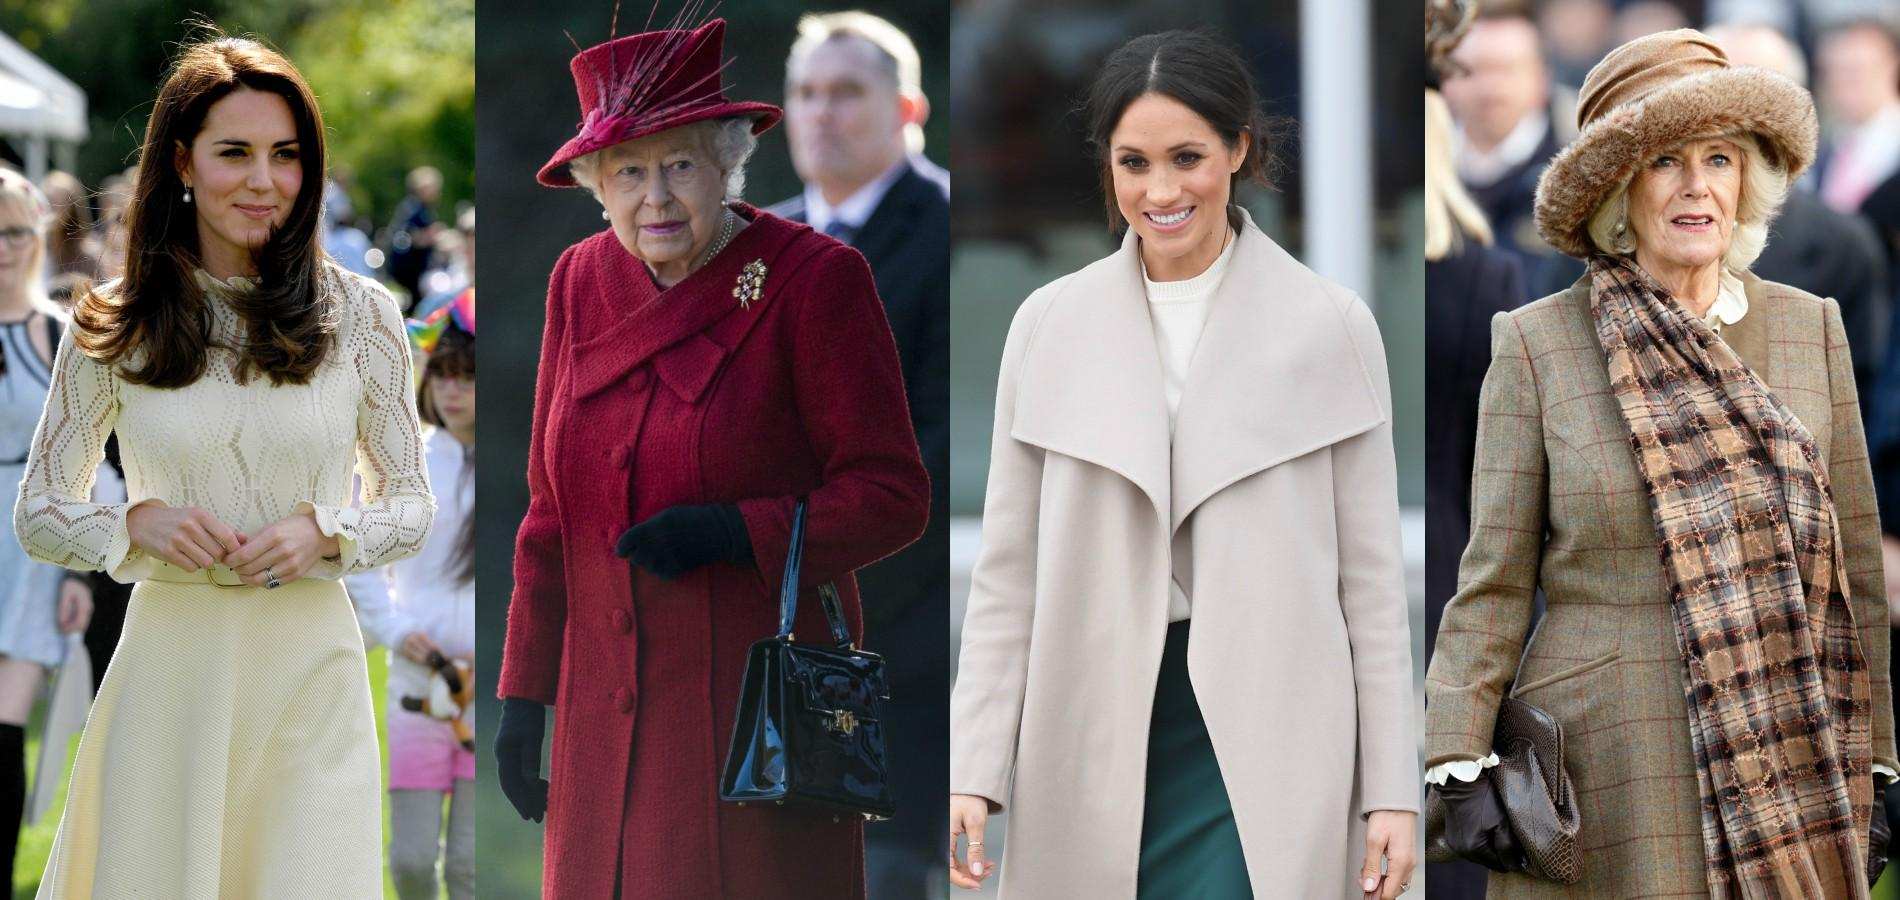 Quel membre de la famille royale britannique êtes-vous ?